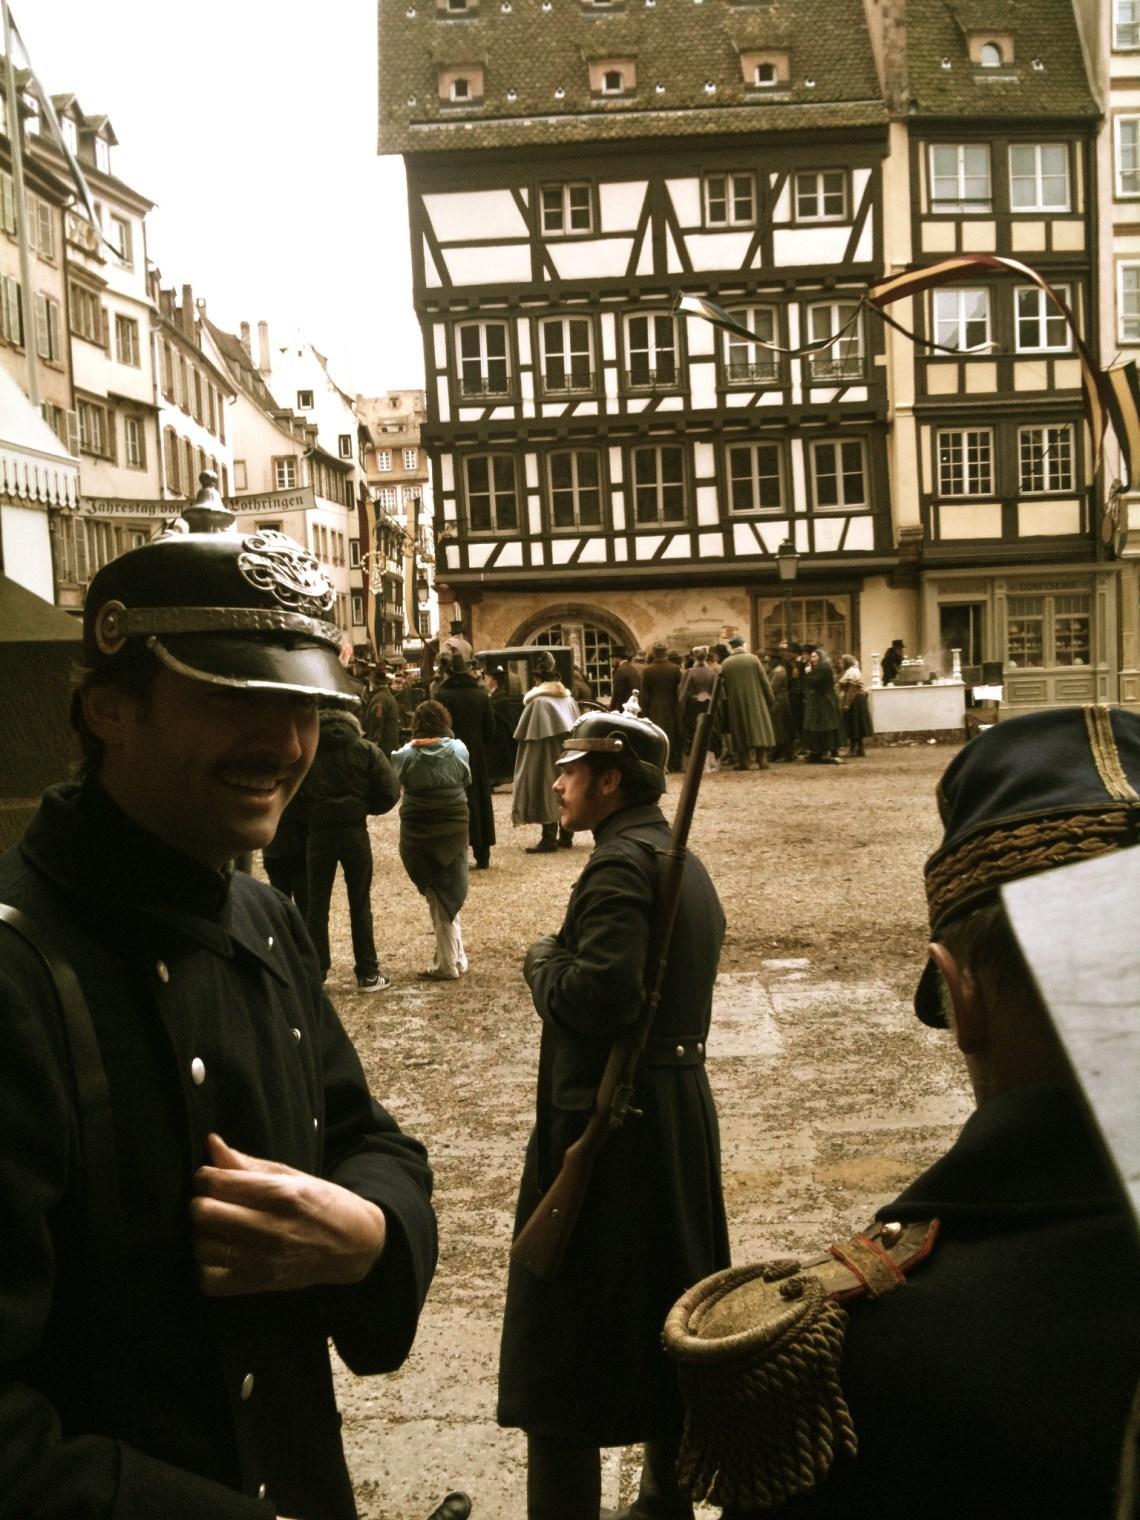 Tournage Sherlock Holmes 2 Strasbourg